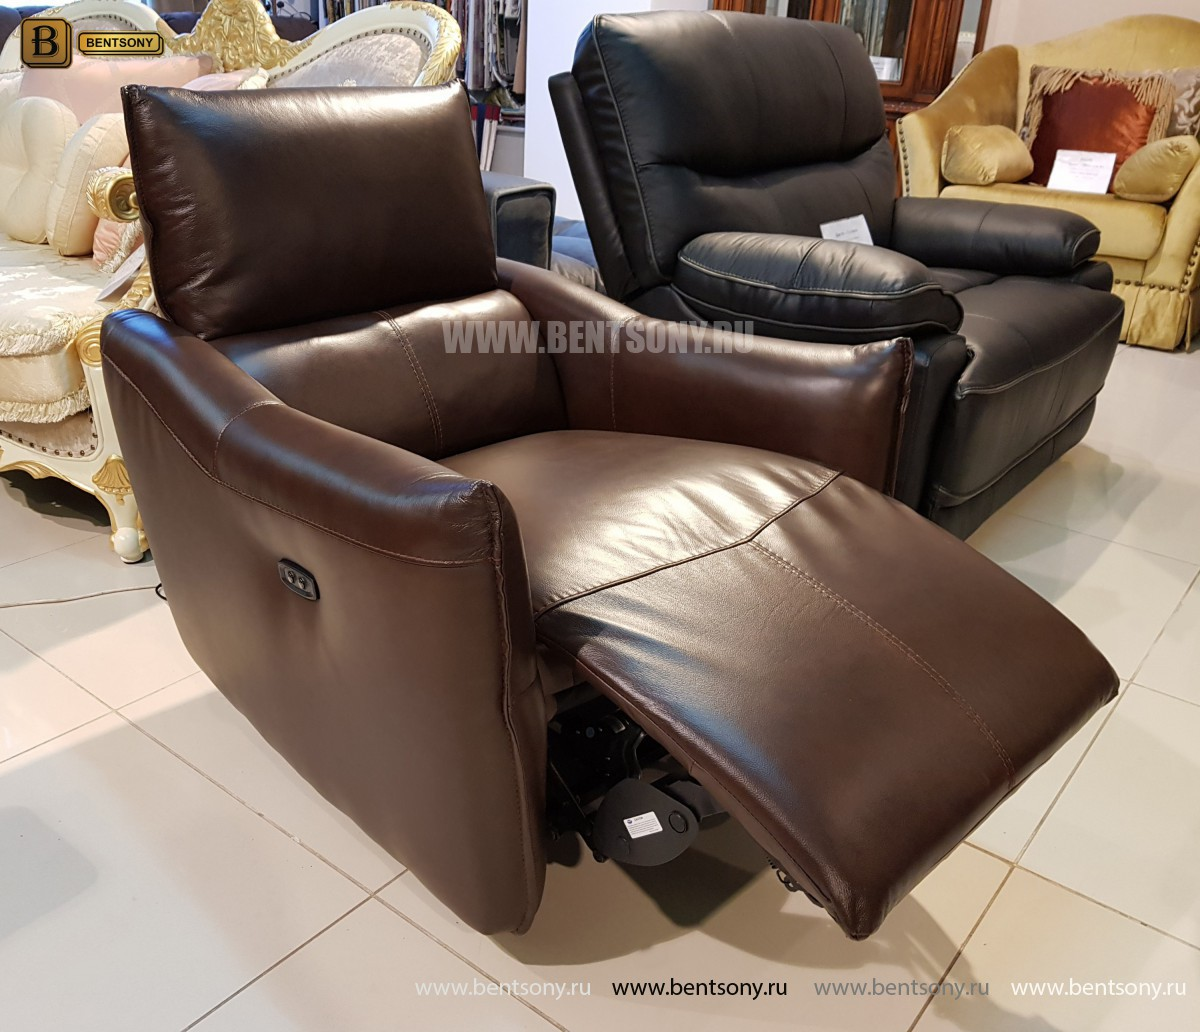 Кресло Порто цвет коричневый (Реклайнер, Натуральная кожа) в интерьере